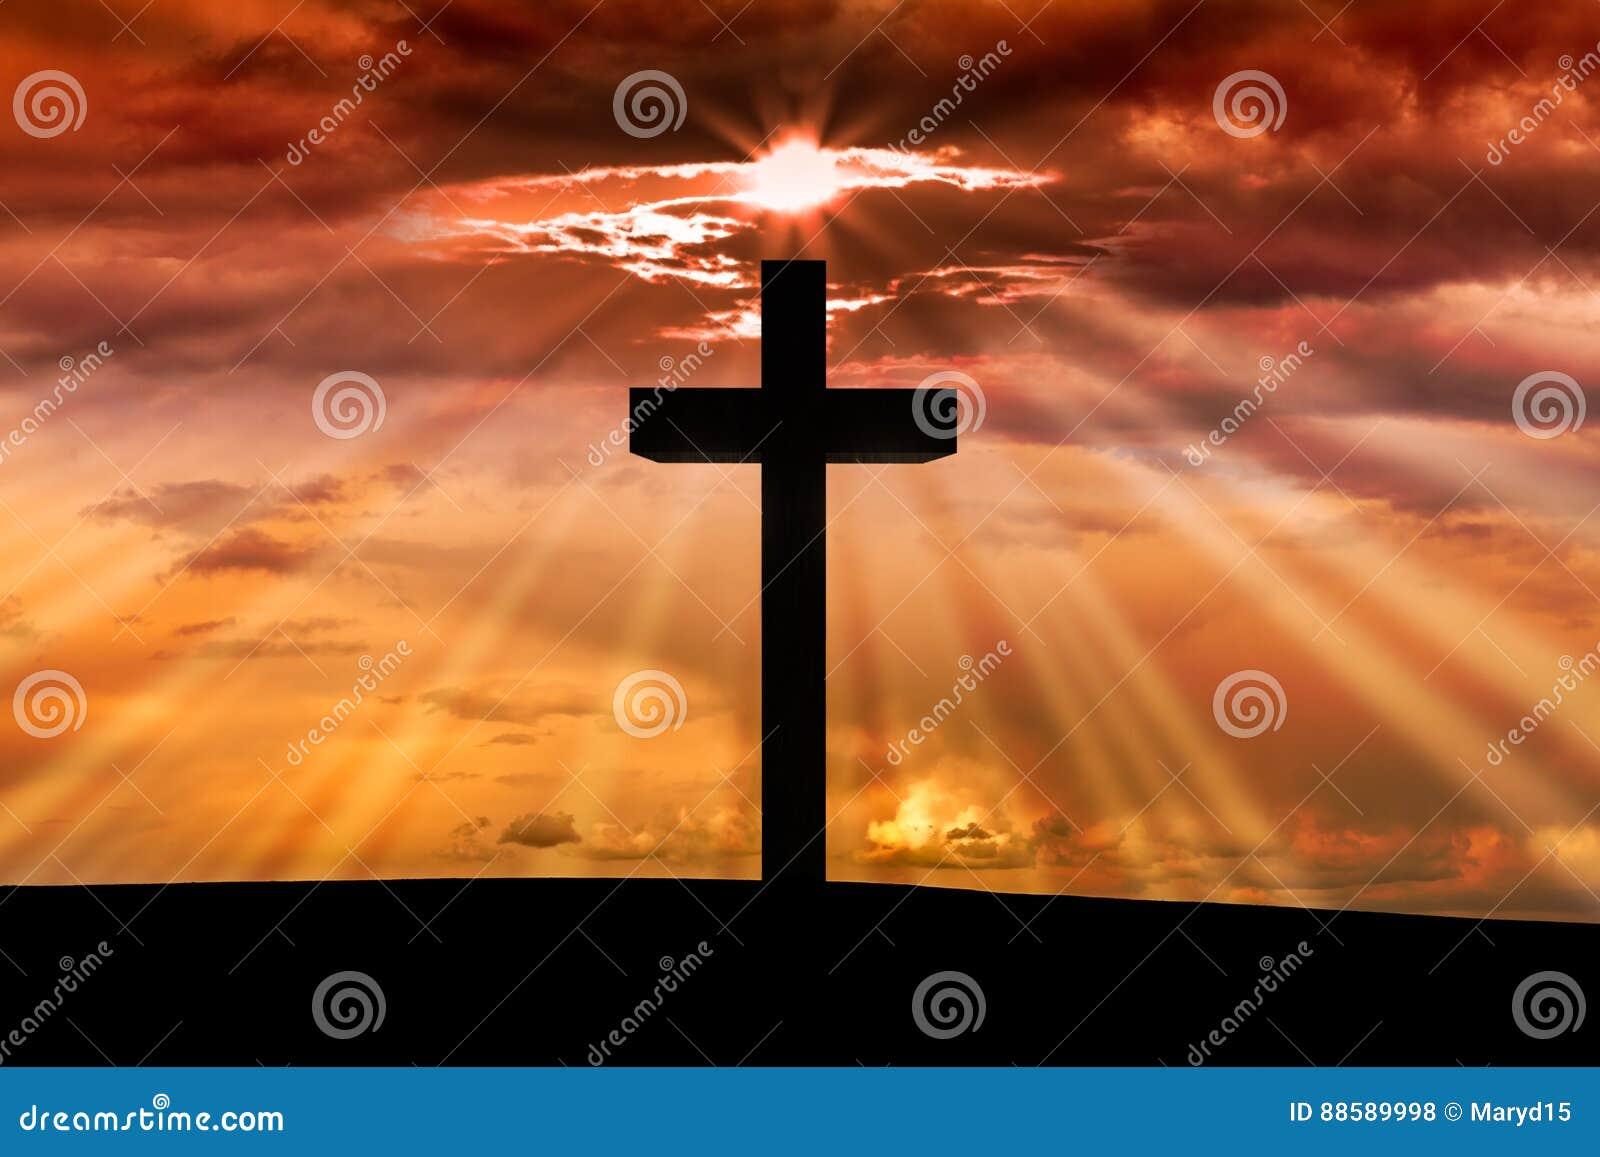 Jezus Chrystus drewniany krzyż na scenie z zmrokiem - czerwony pomarańczowy zmierzch,